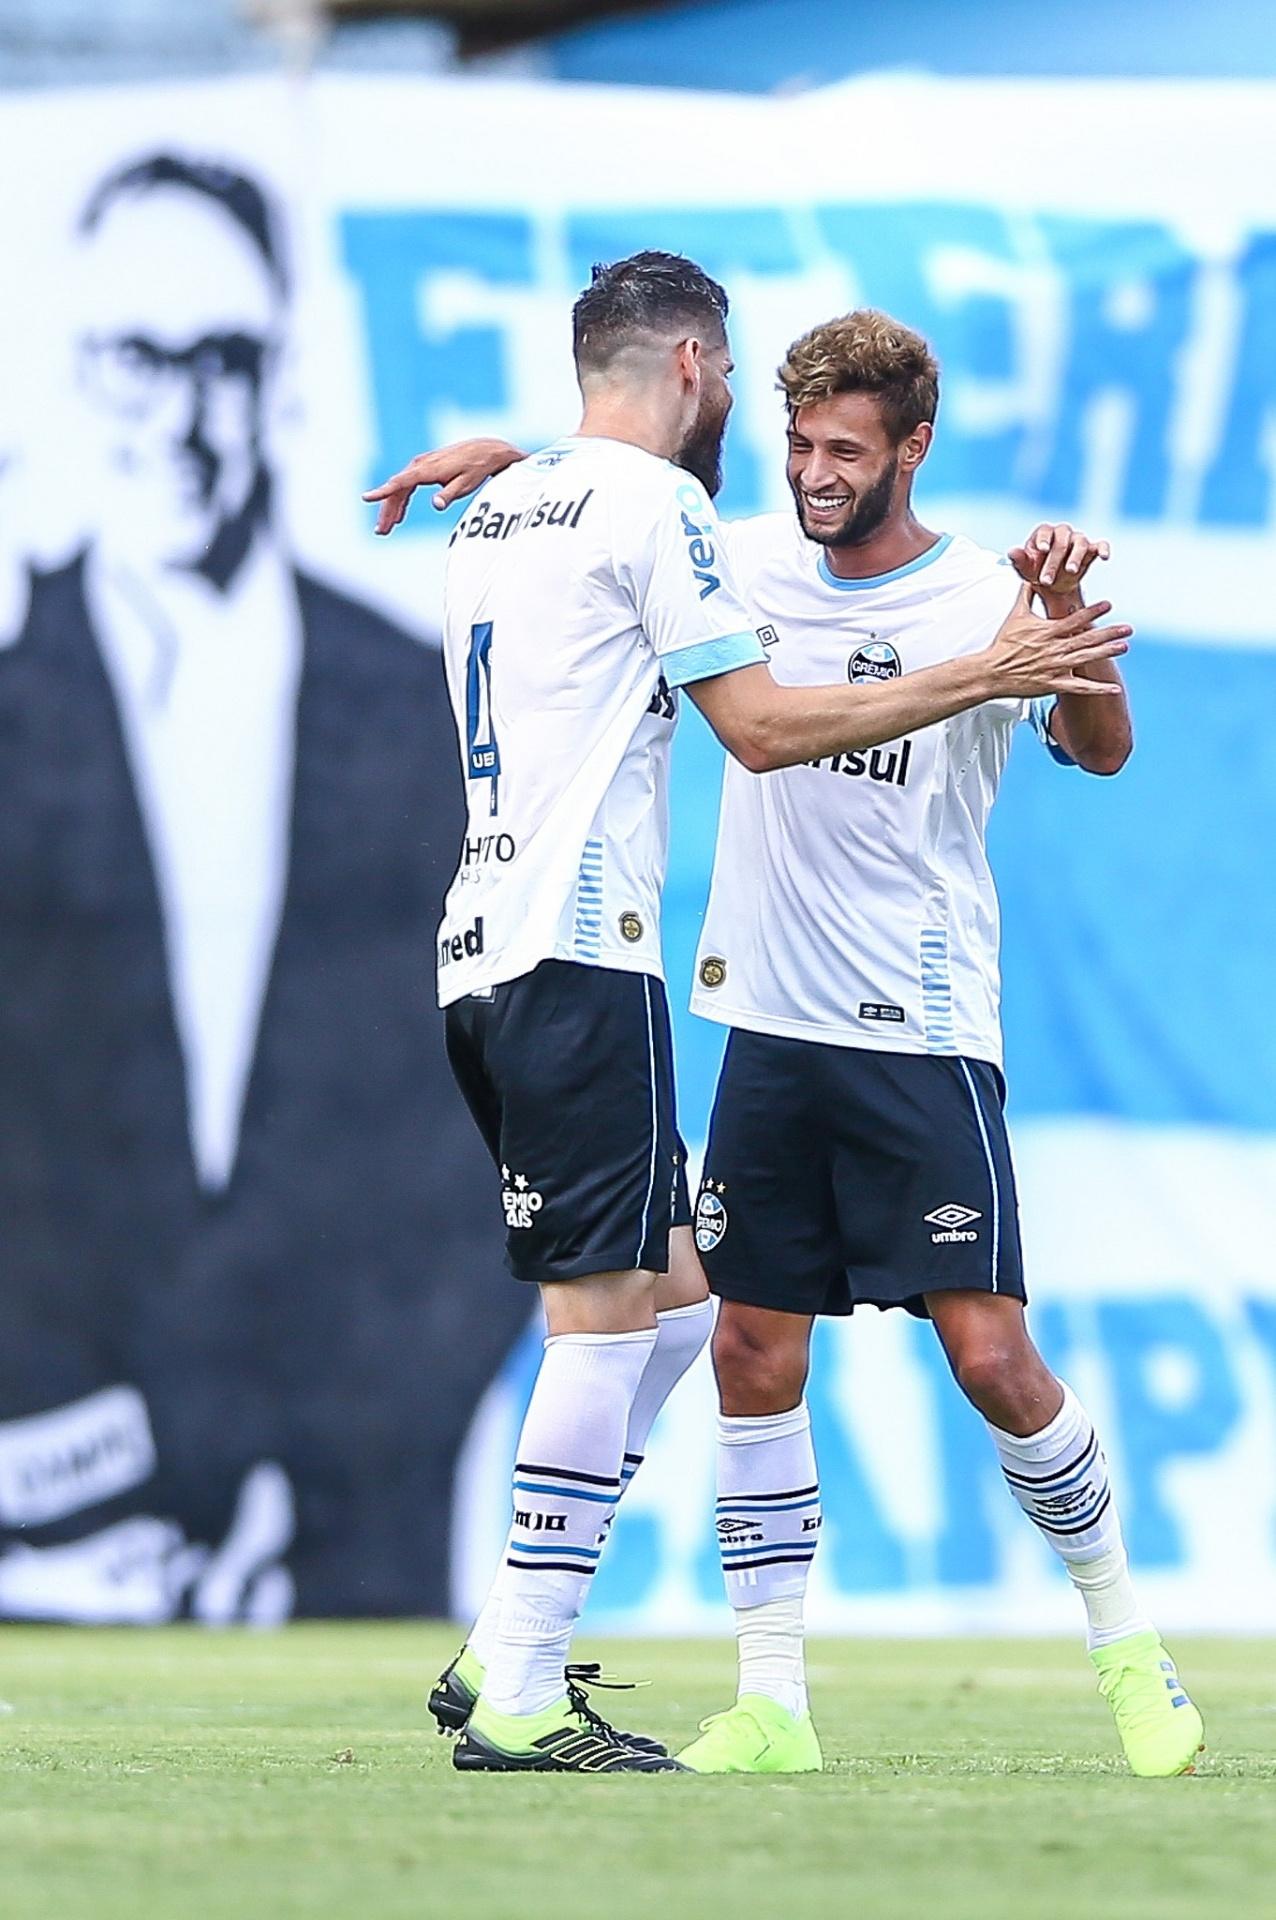 Juninho convence com  veia goleadora  e Grêmio tenta renovação - 22 01 2019  - UOL Esporte 82be791356709